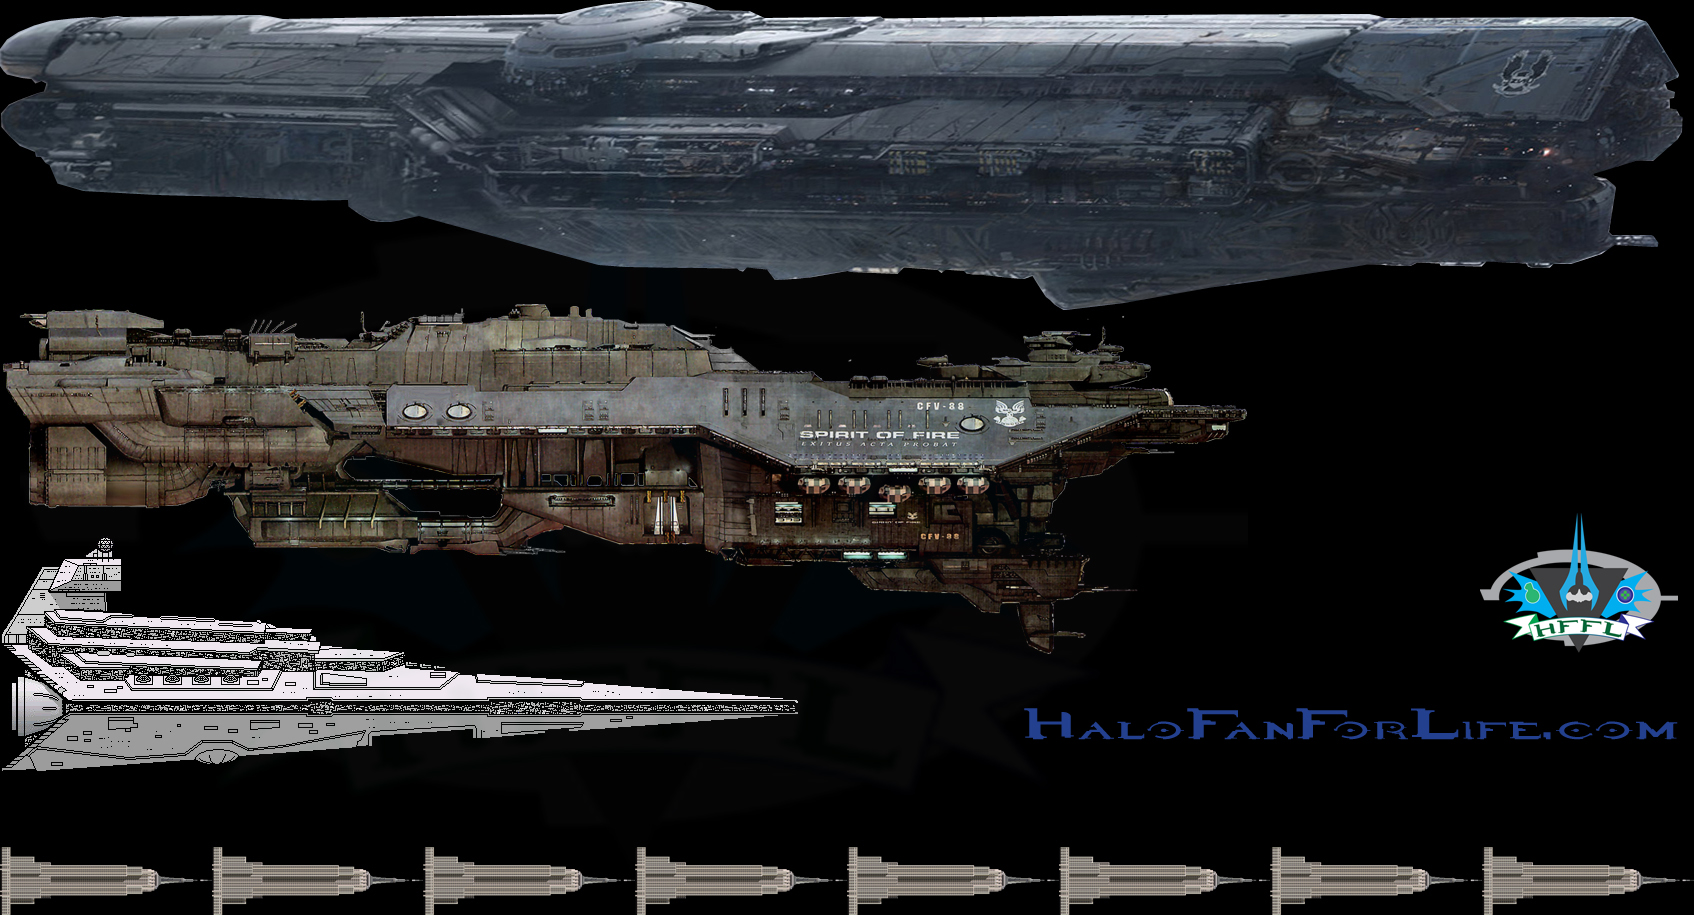 star destroyer enterprise size comparison - photo #6